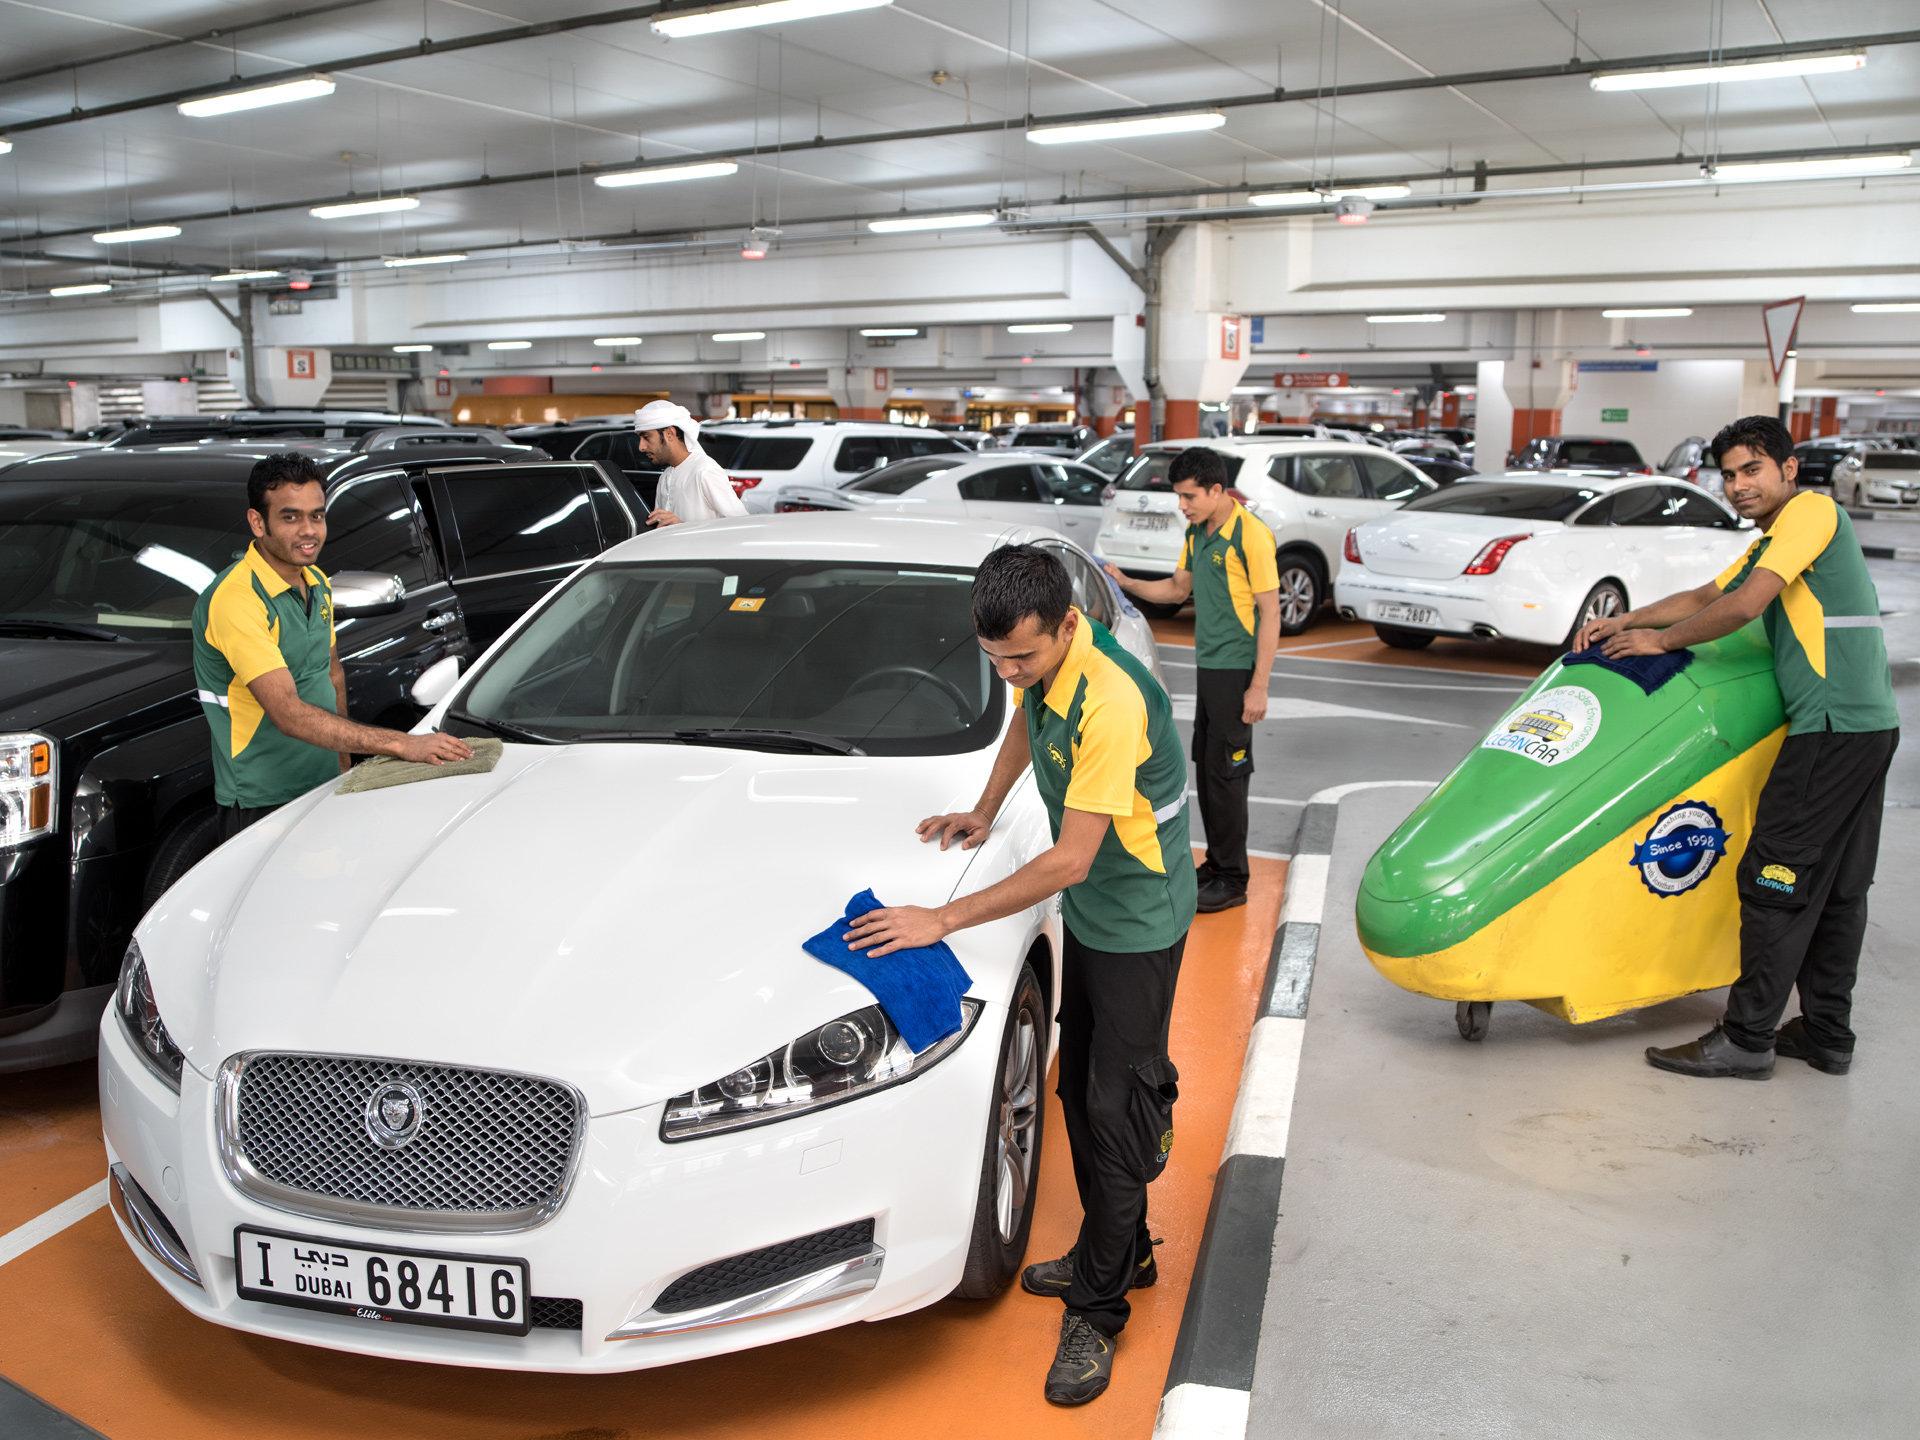 Al Emran, Mohdmehdi, Shanhin und Kobir waschen Autos in Dubai